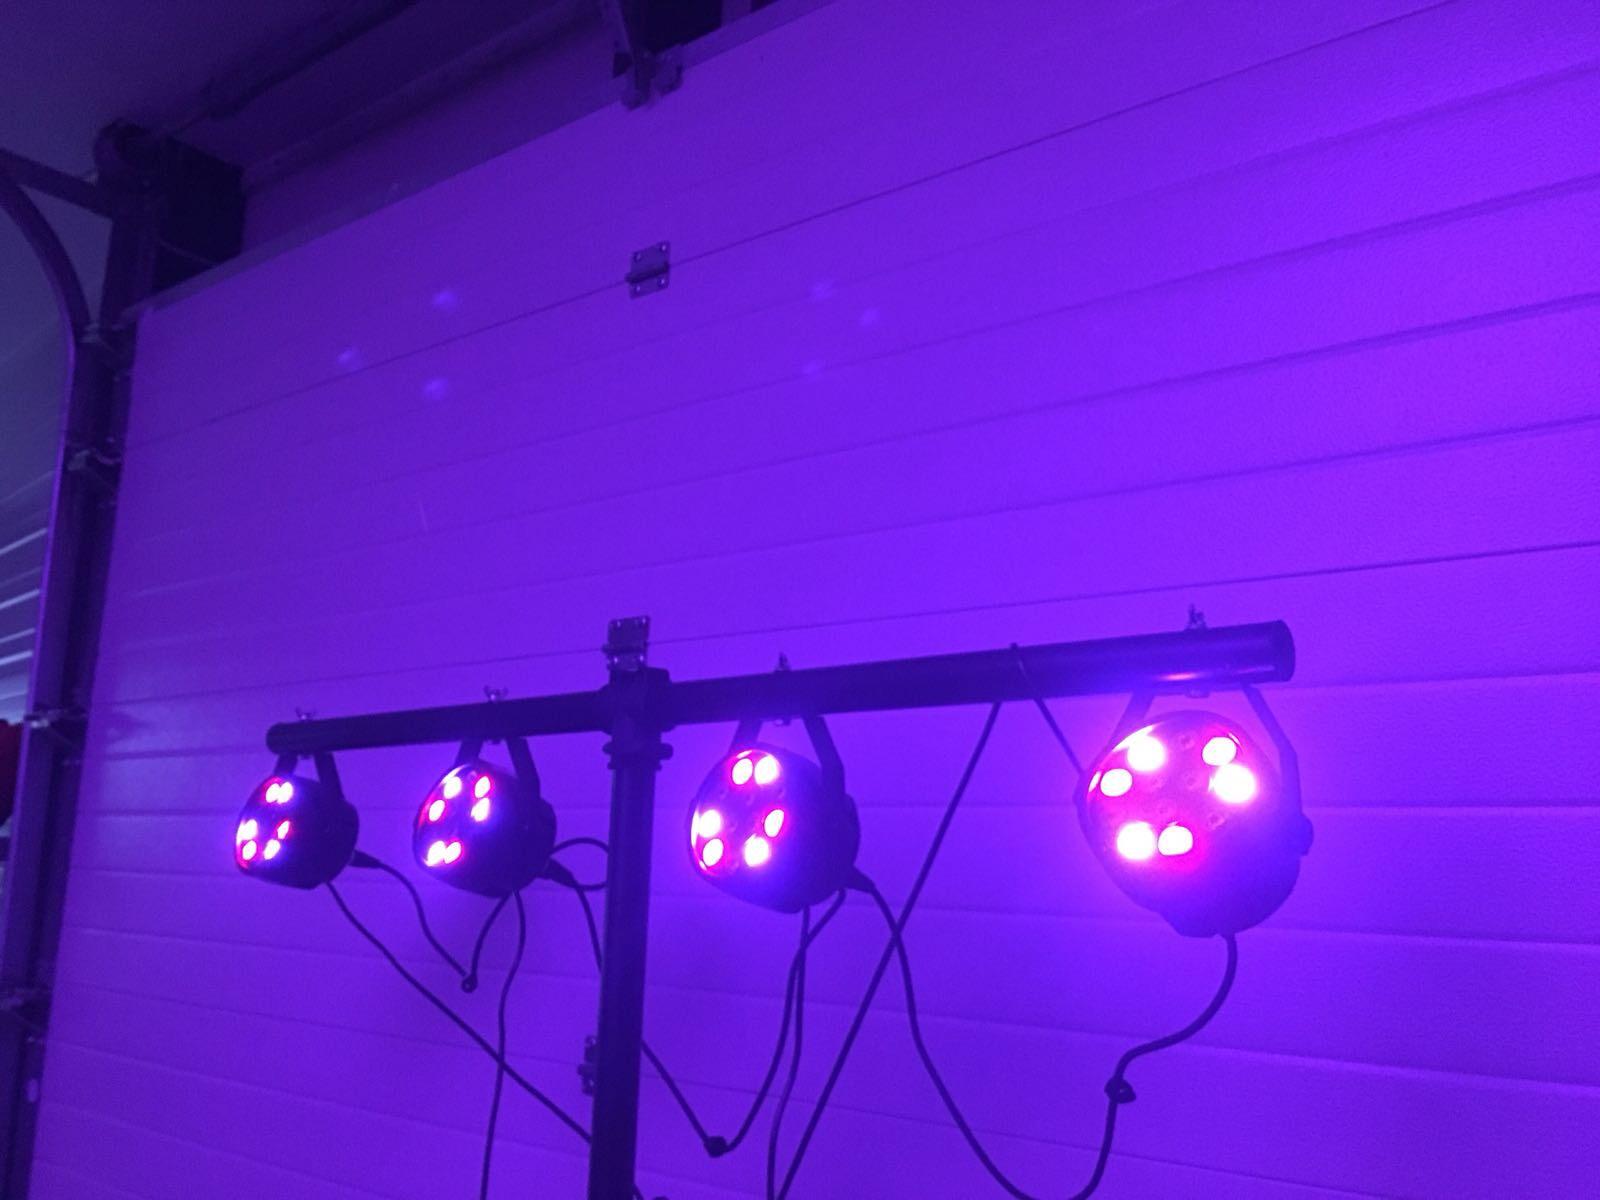 led lampen licht in gewicht geschikt in opblaasbare tenten we inflate. Black Bedroom Furniture Sets. Home Design Ideas